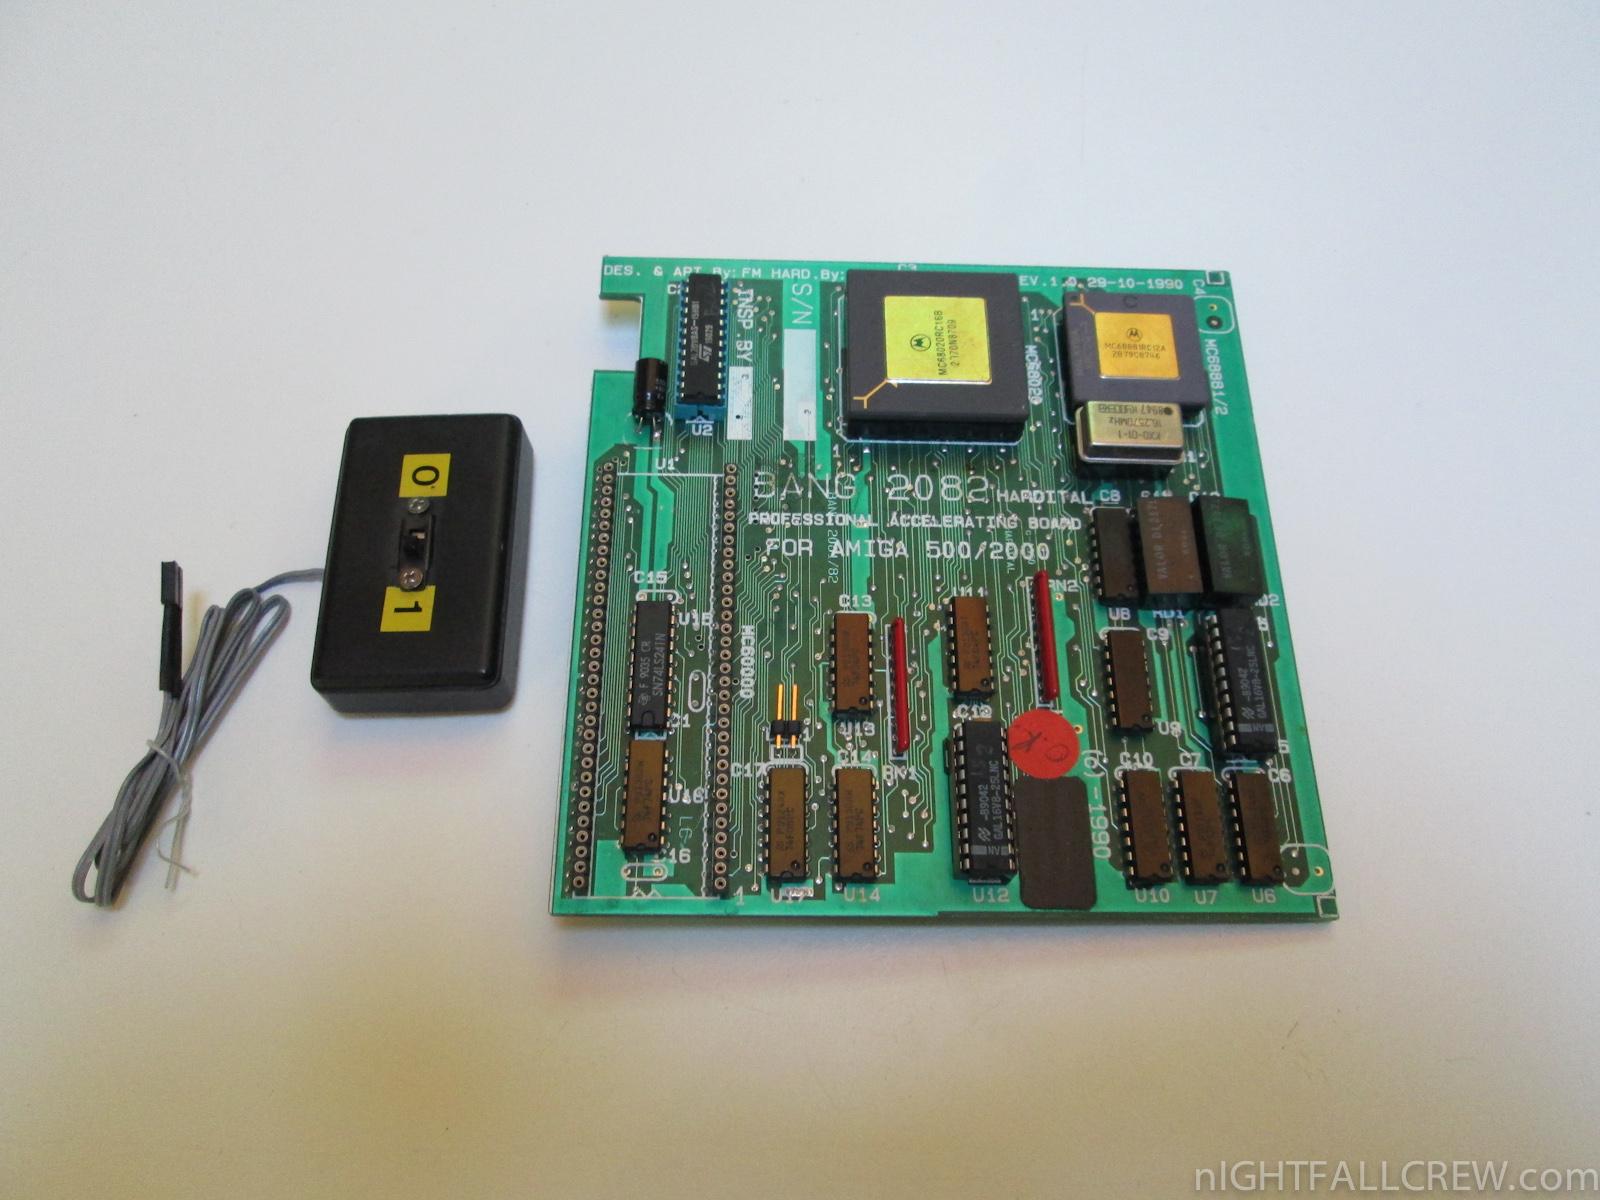 New Donation Hardital Bang 2082 And Logica Kick Mouse Nightfall Circuit Board Img 8631